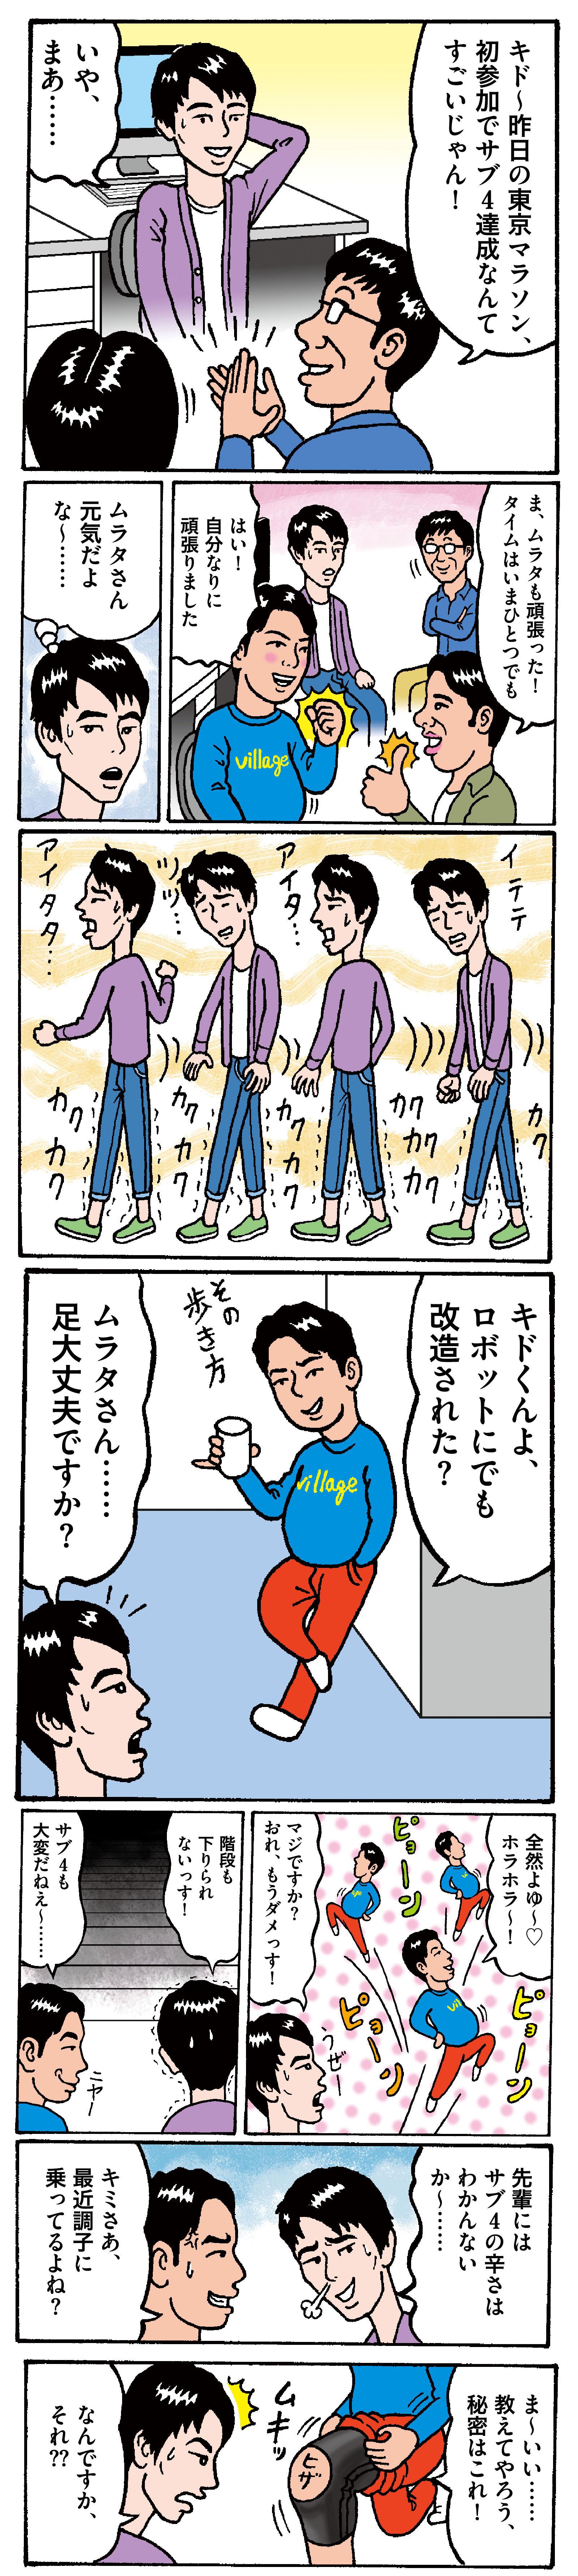 『ターザン』編集部員がピップ〈プロフィッツ〉の秘密を探るルポ漫画20190517rm_manga042